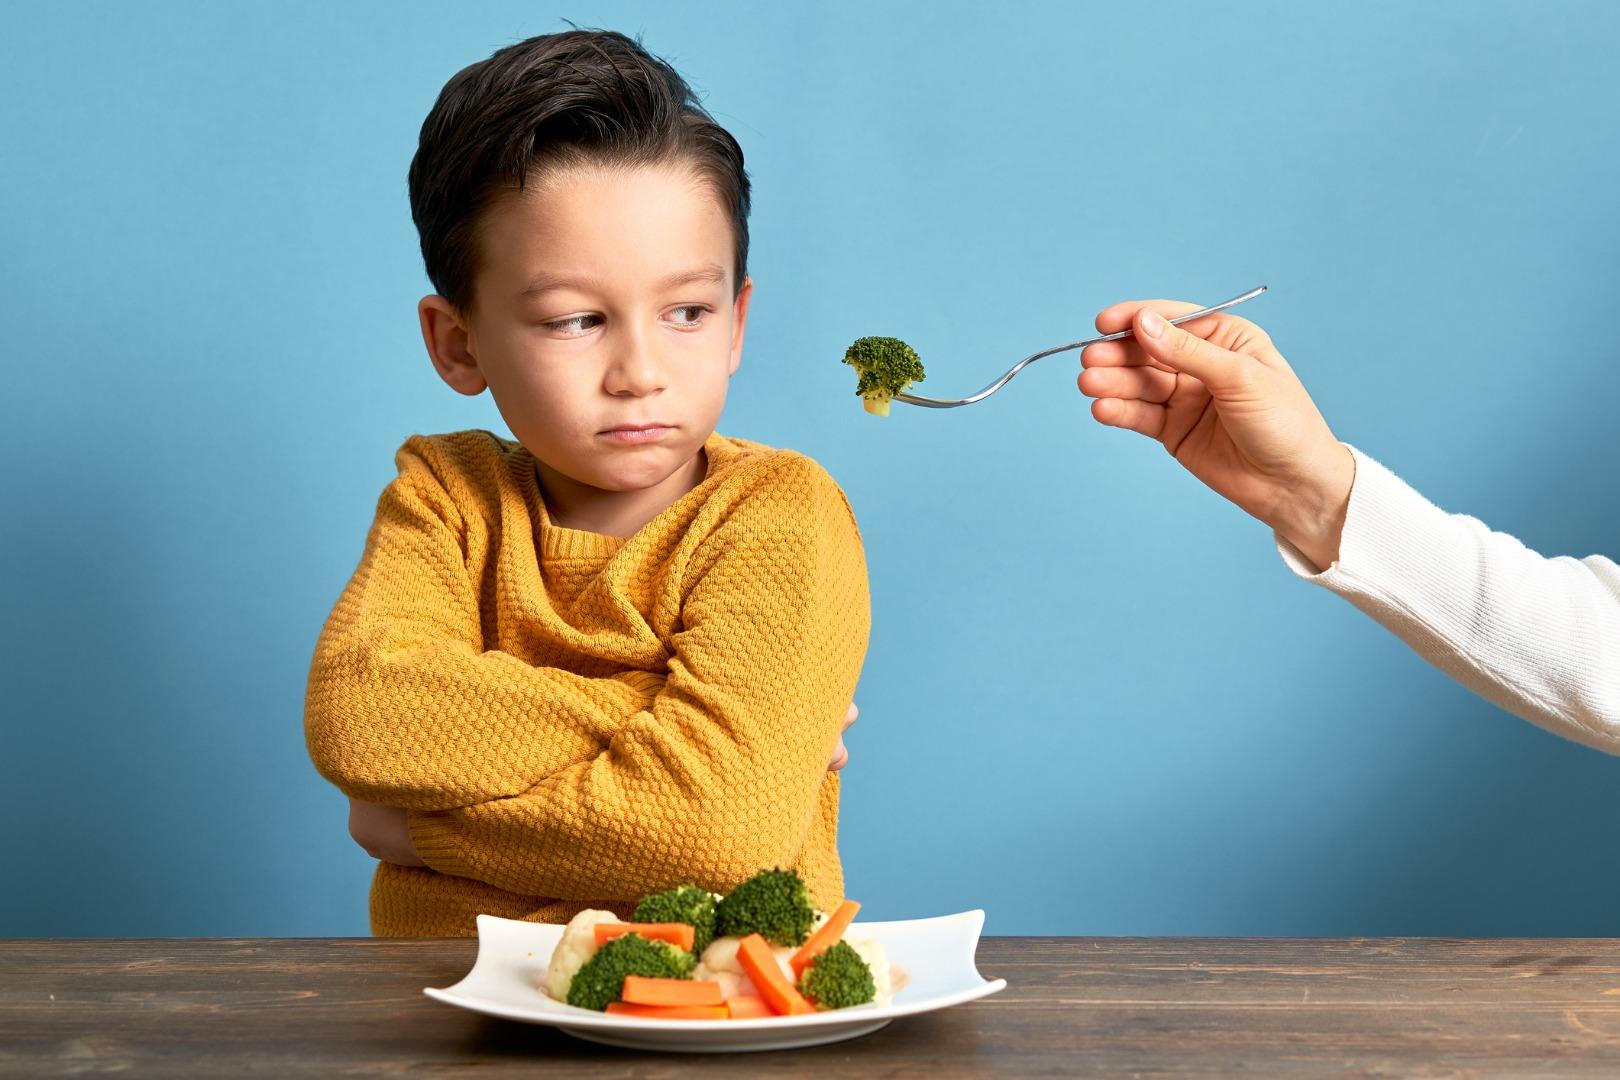 Не хочу есть: почему у малыша нет аппетита?